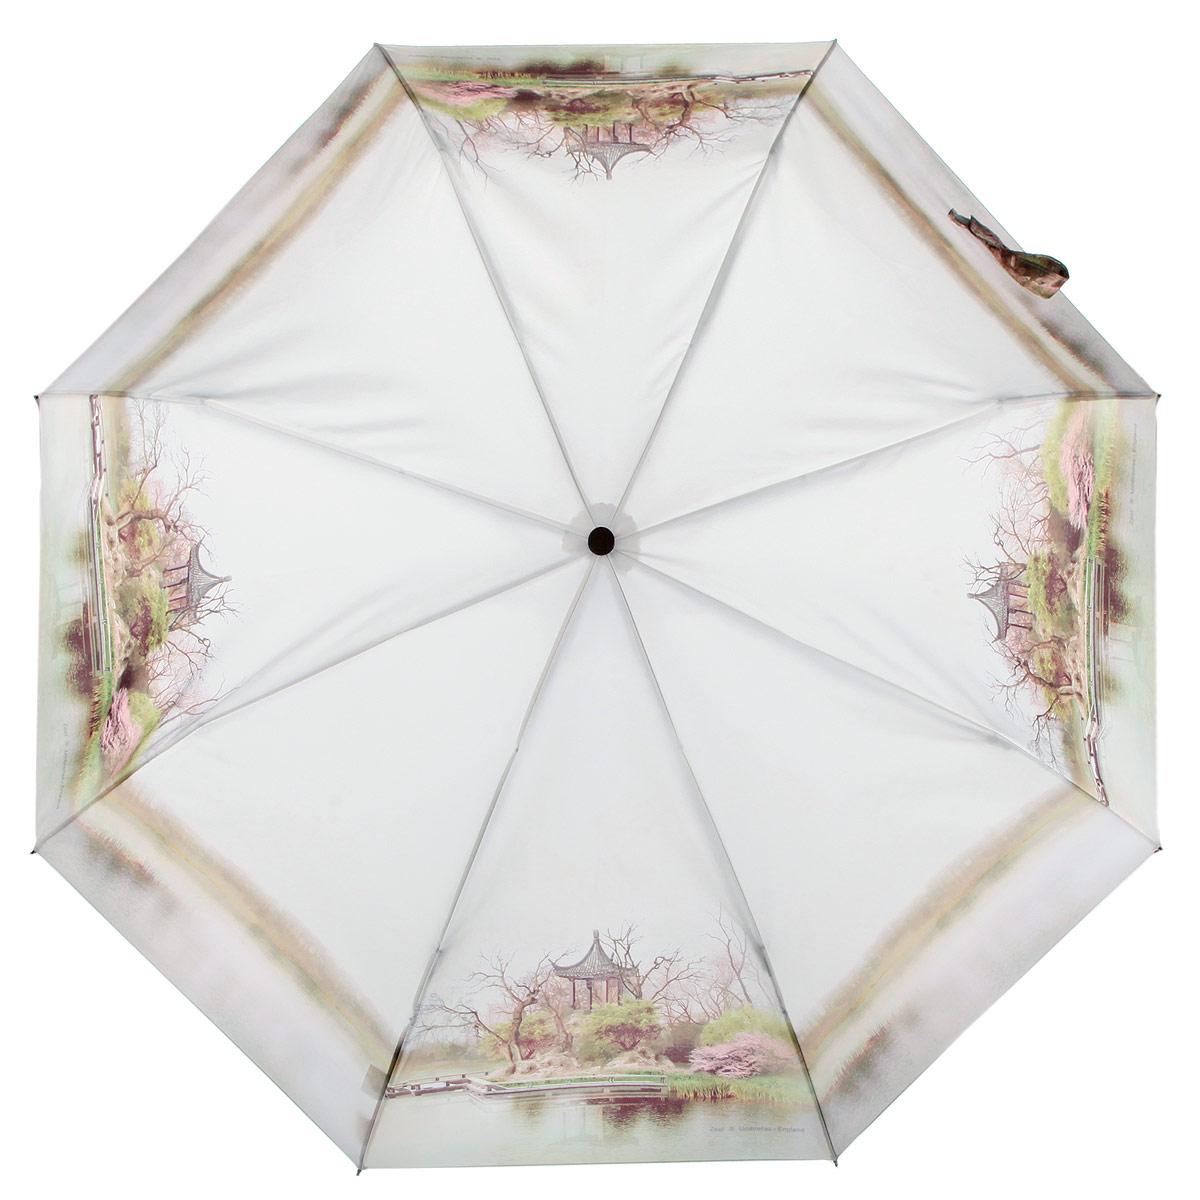 Зонт женский Zest, цвет: бежевый, зеленый, мультицвет. 23745-012223745-0122Стильный женский зонт ZEST с облегченным каркасом выполнен из алюминия с антикоррозийным покрытием, спицы из фибергласса, устойчивые к выгибанию. Купол зонта изготовлен полиэстера с водоотталкивающей пропиткой. Закрытый купол застегивается на липучку хлястиком. Практичная рукоятка закругленной формы разработана с учетом требований эргономики и выполнена из пластика. Зонт оснащен автоматическим механизмом и чехлом. Такой зонт не только надежно защитит от дождя, но и станет стильным аксессуаром.